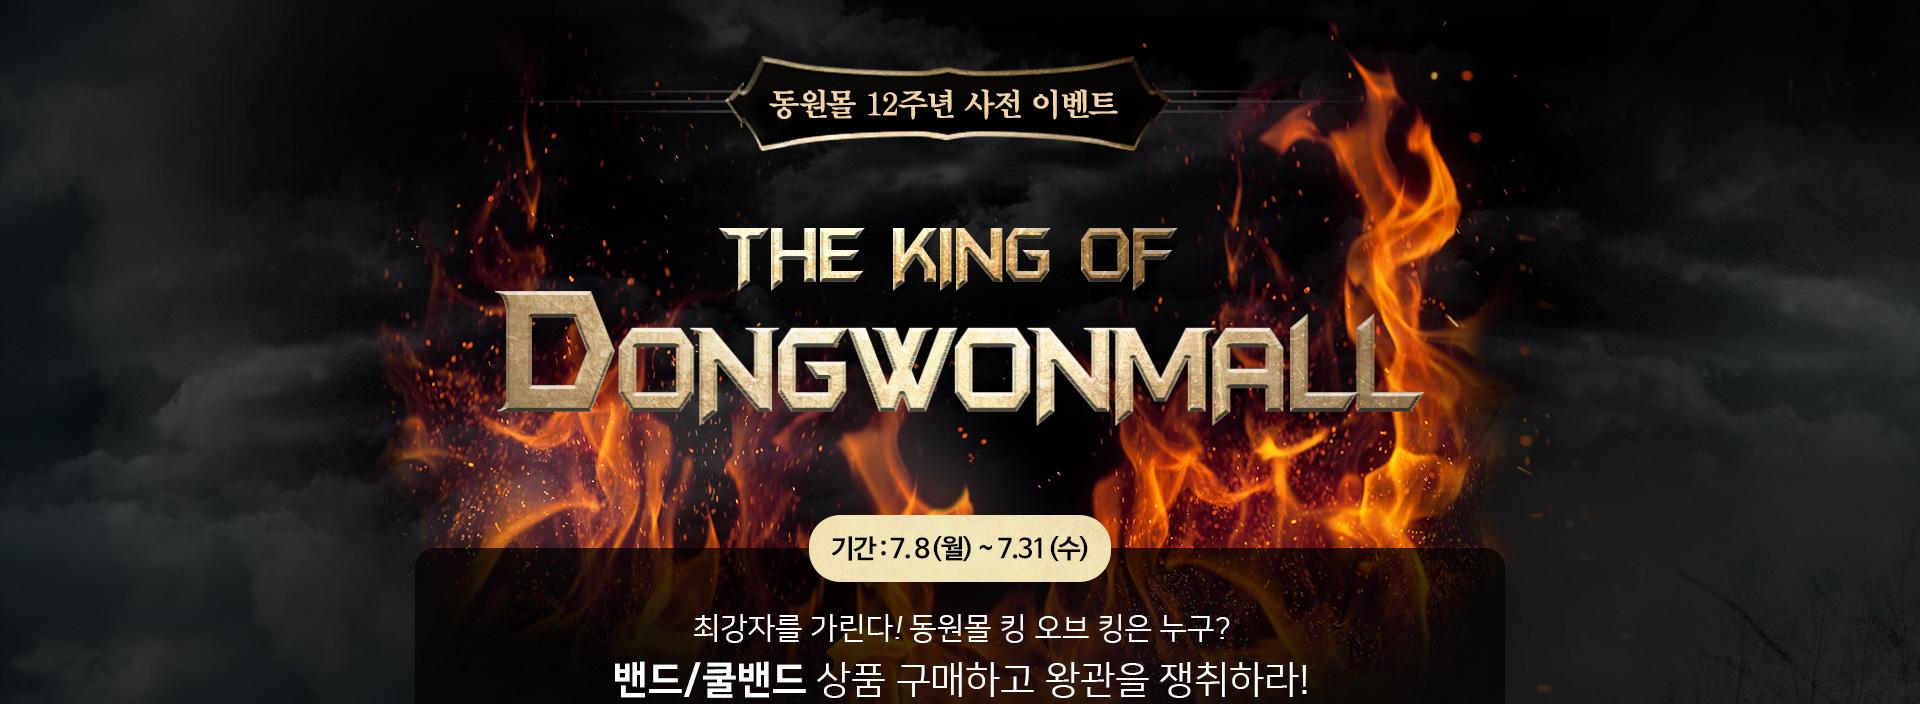 동원몰 12주년 사전 이벤트 THE KING OF DONGWONMALL 최강자를 가린다!동원몰 킹오브킹은 누구? 밴드/쿨밴드 상품구매하고 왕관을 쟁취하라!